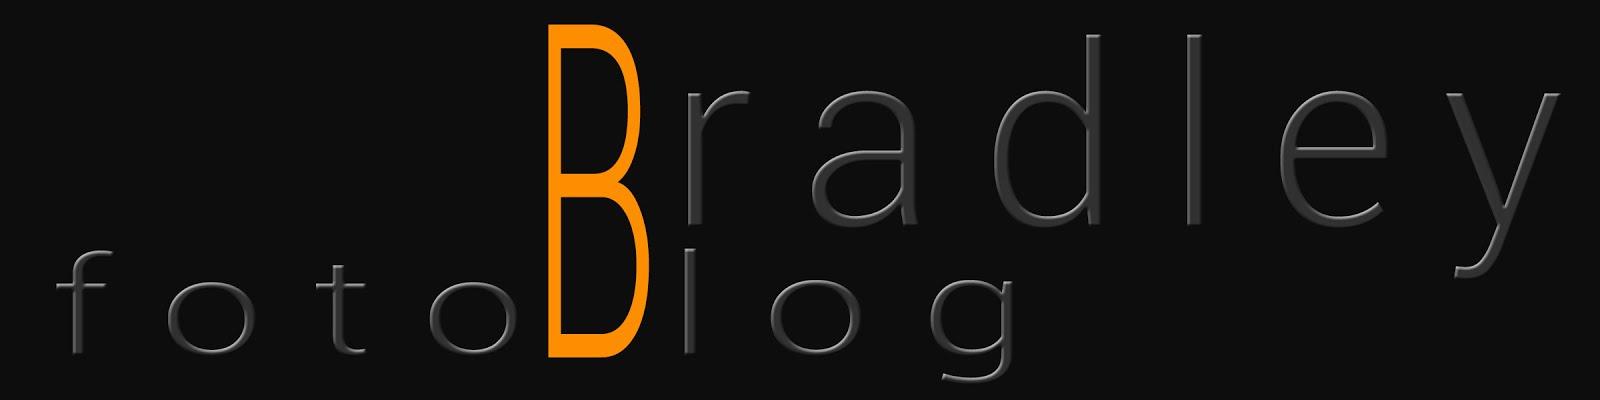 Bradley - Fotoblog